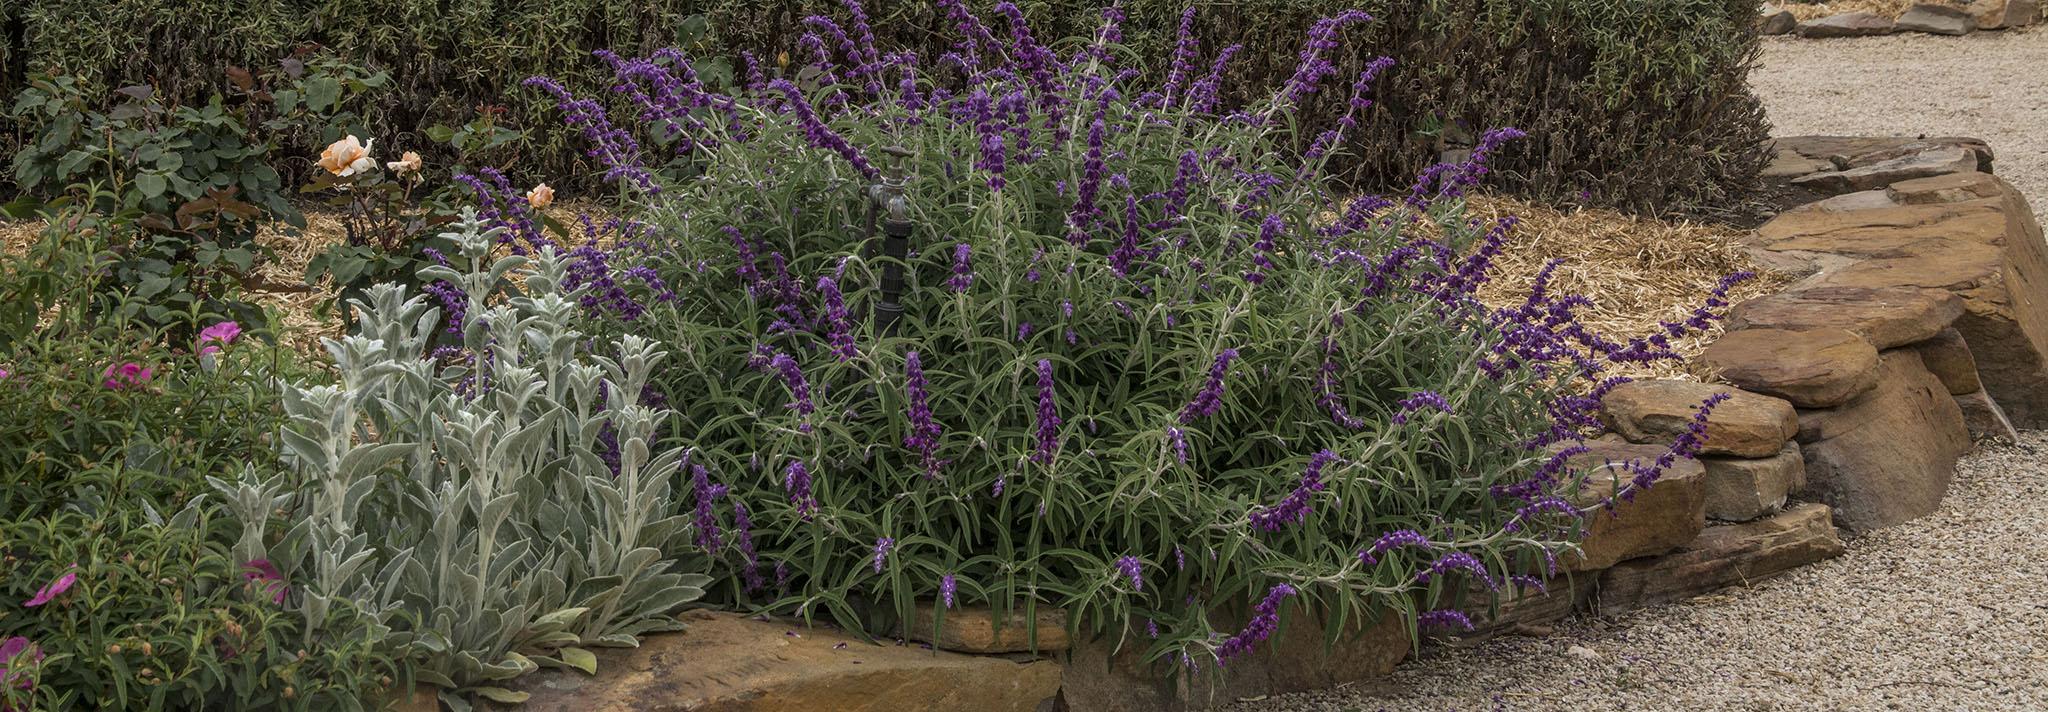 Highcroft Garden Salvia Leucantha